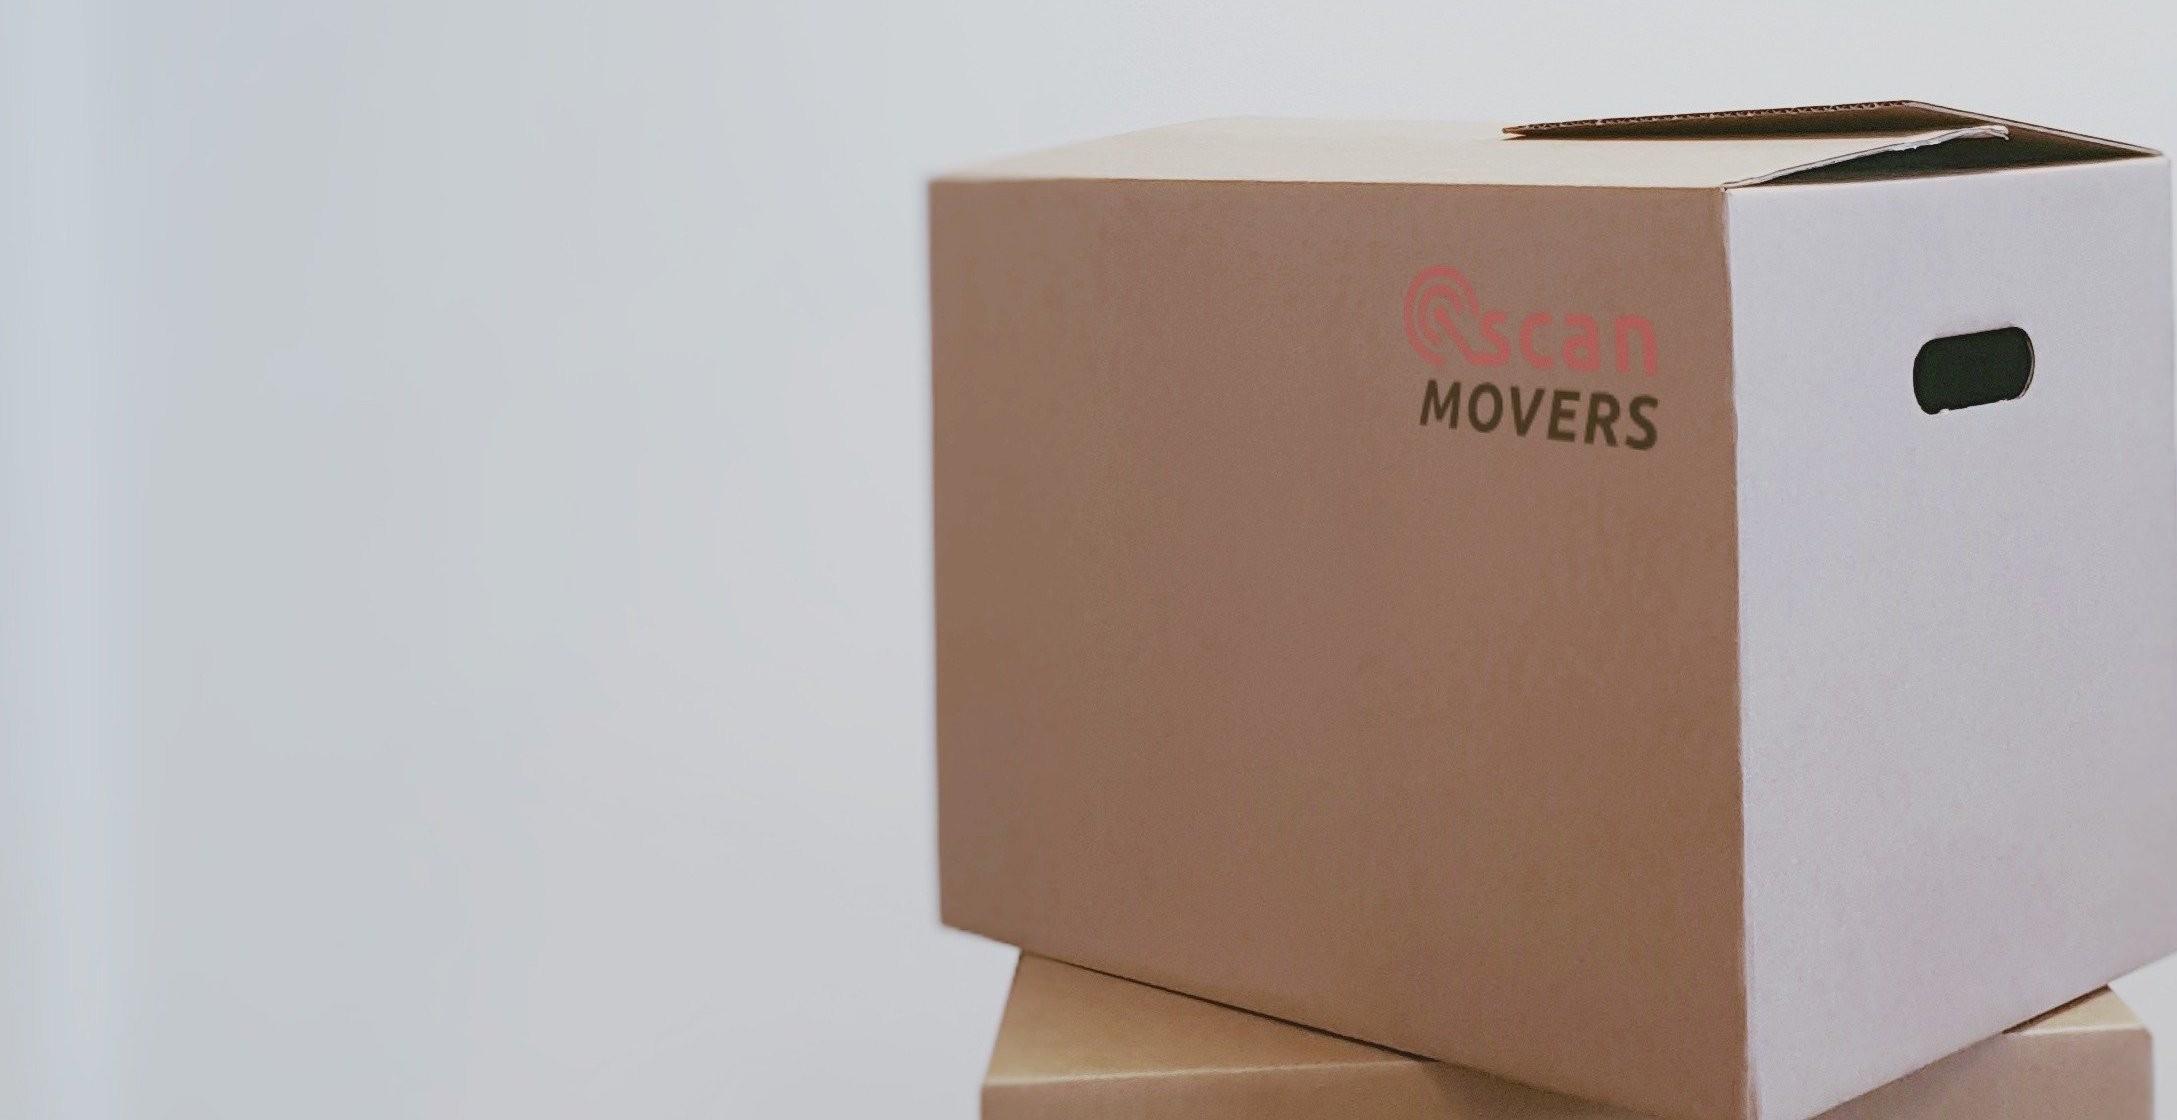 Laat de verhuisdozen bij je thuis bezorgen!